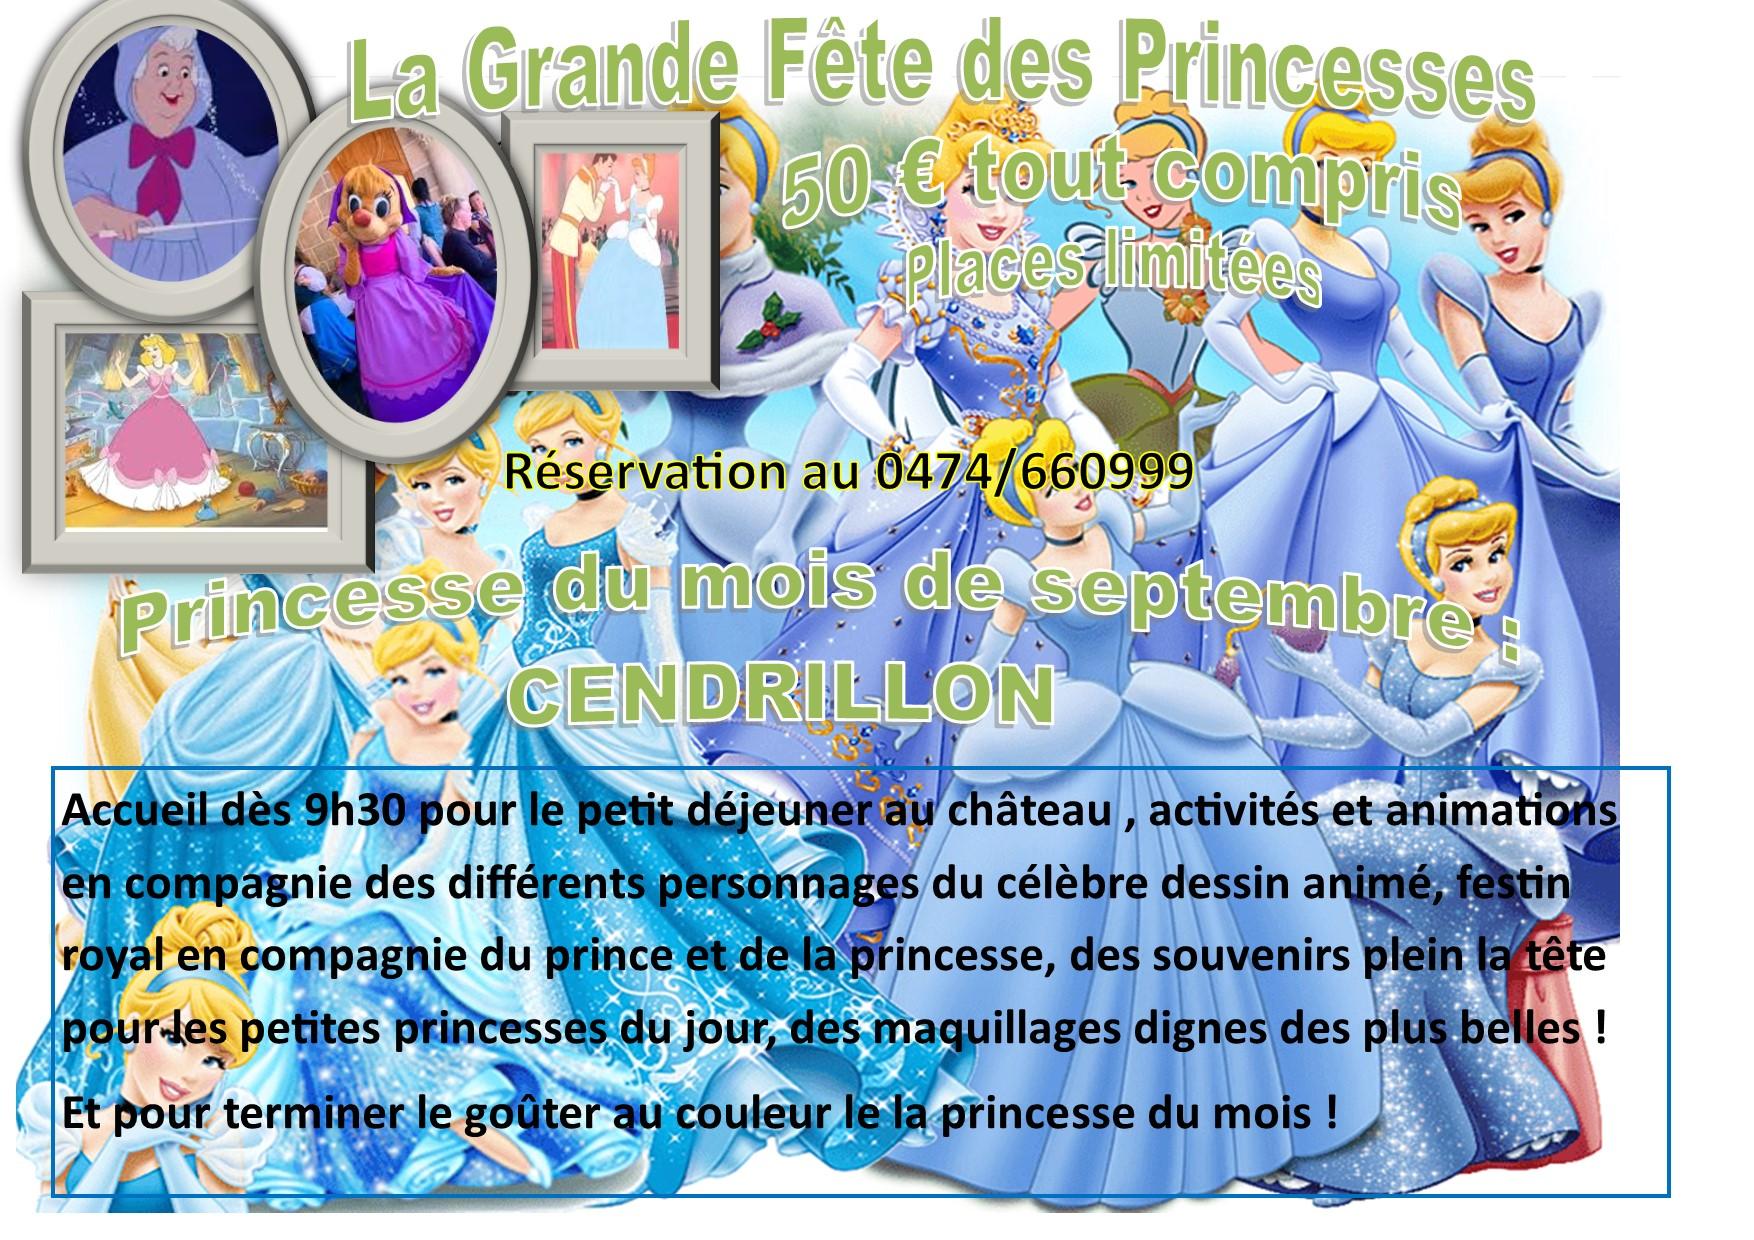 Princesse-CENDRILLON